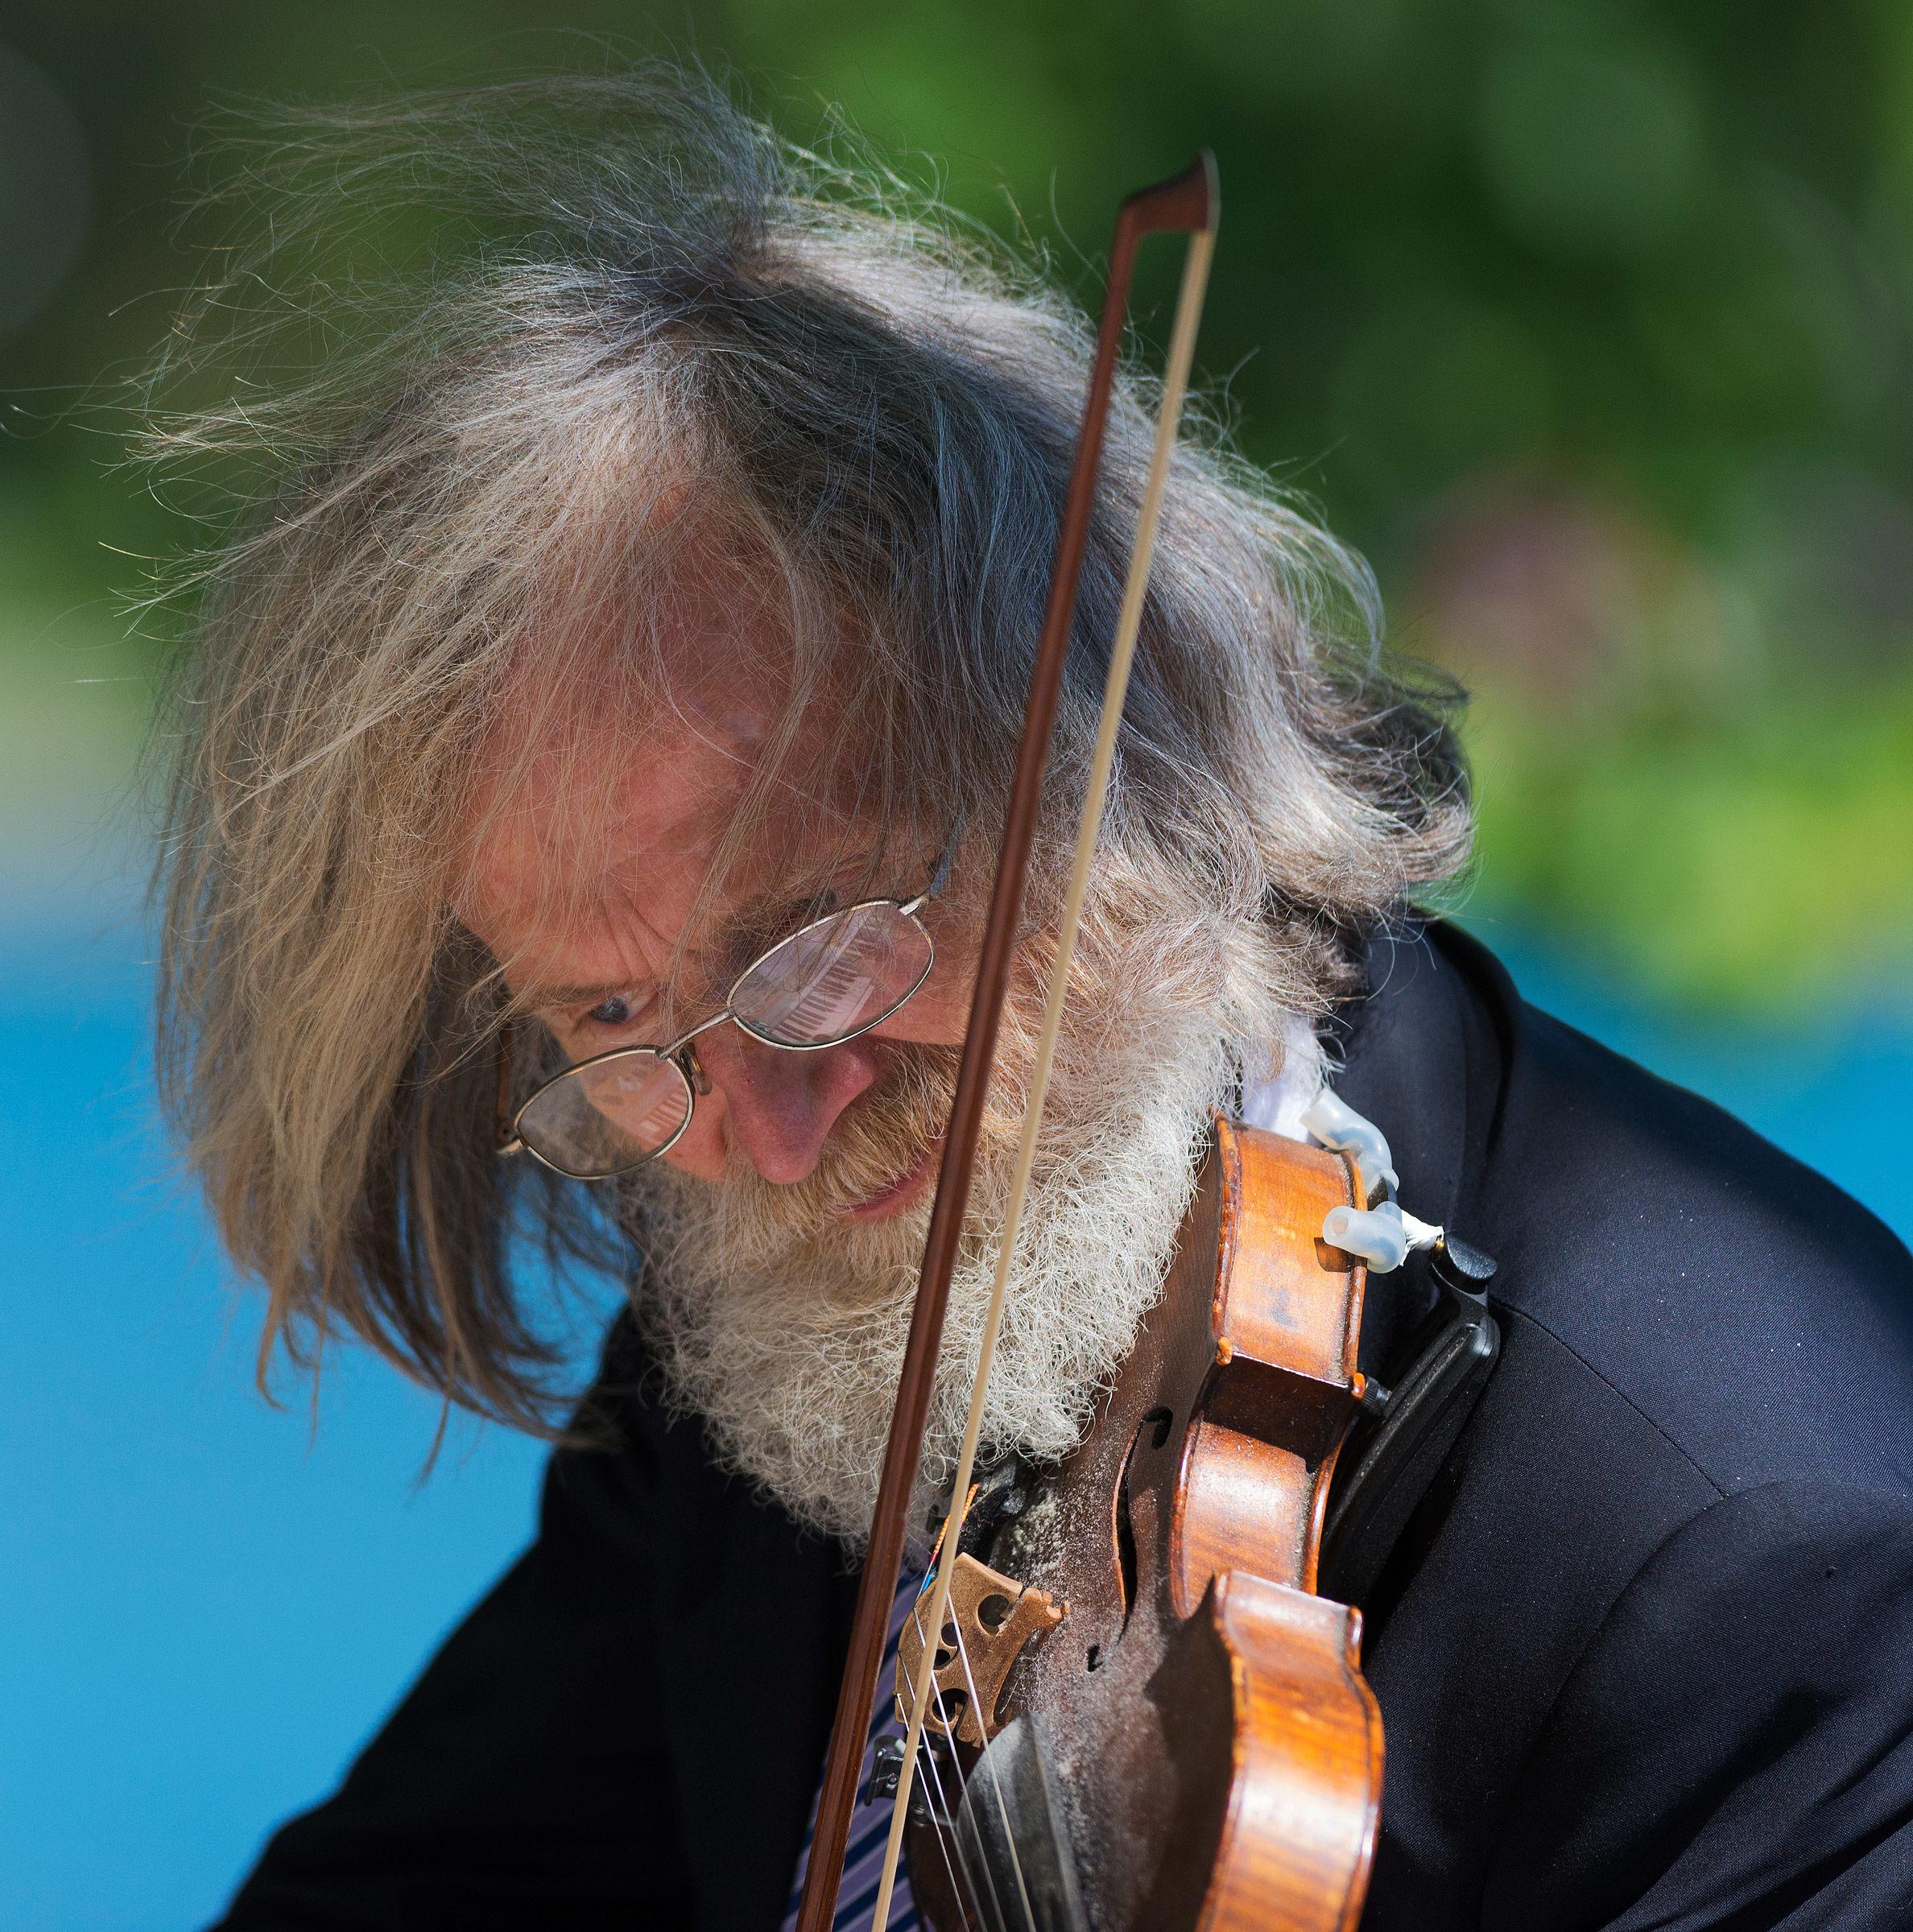 Il musicista...